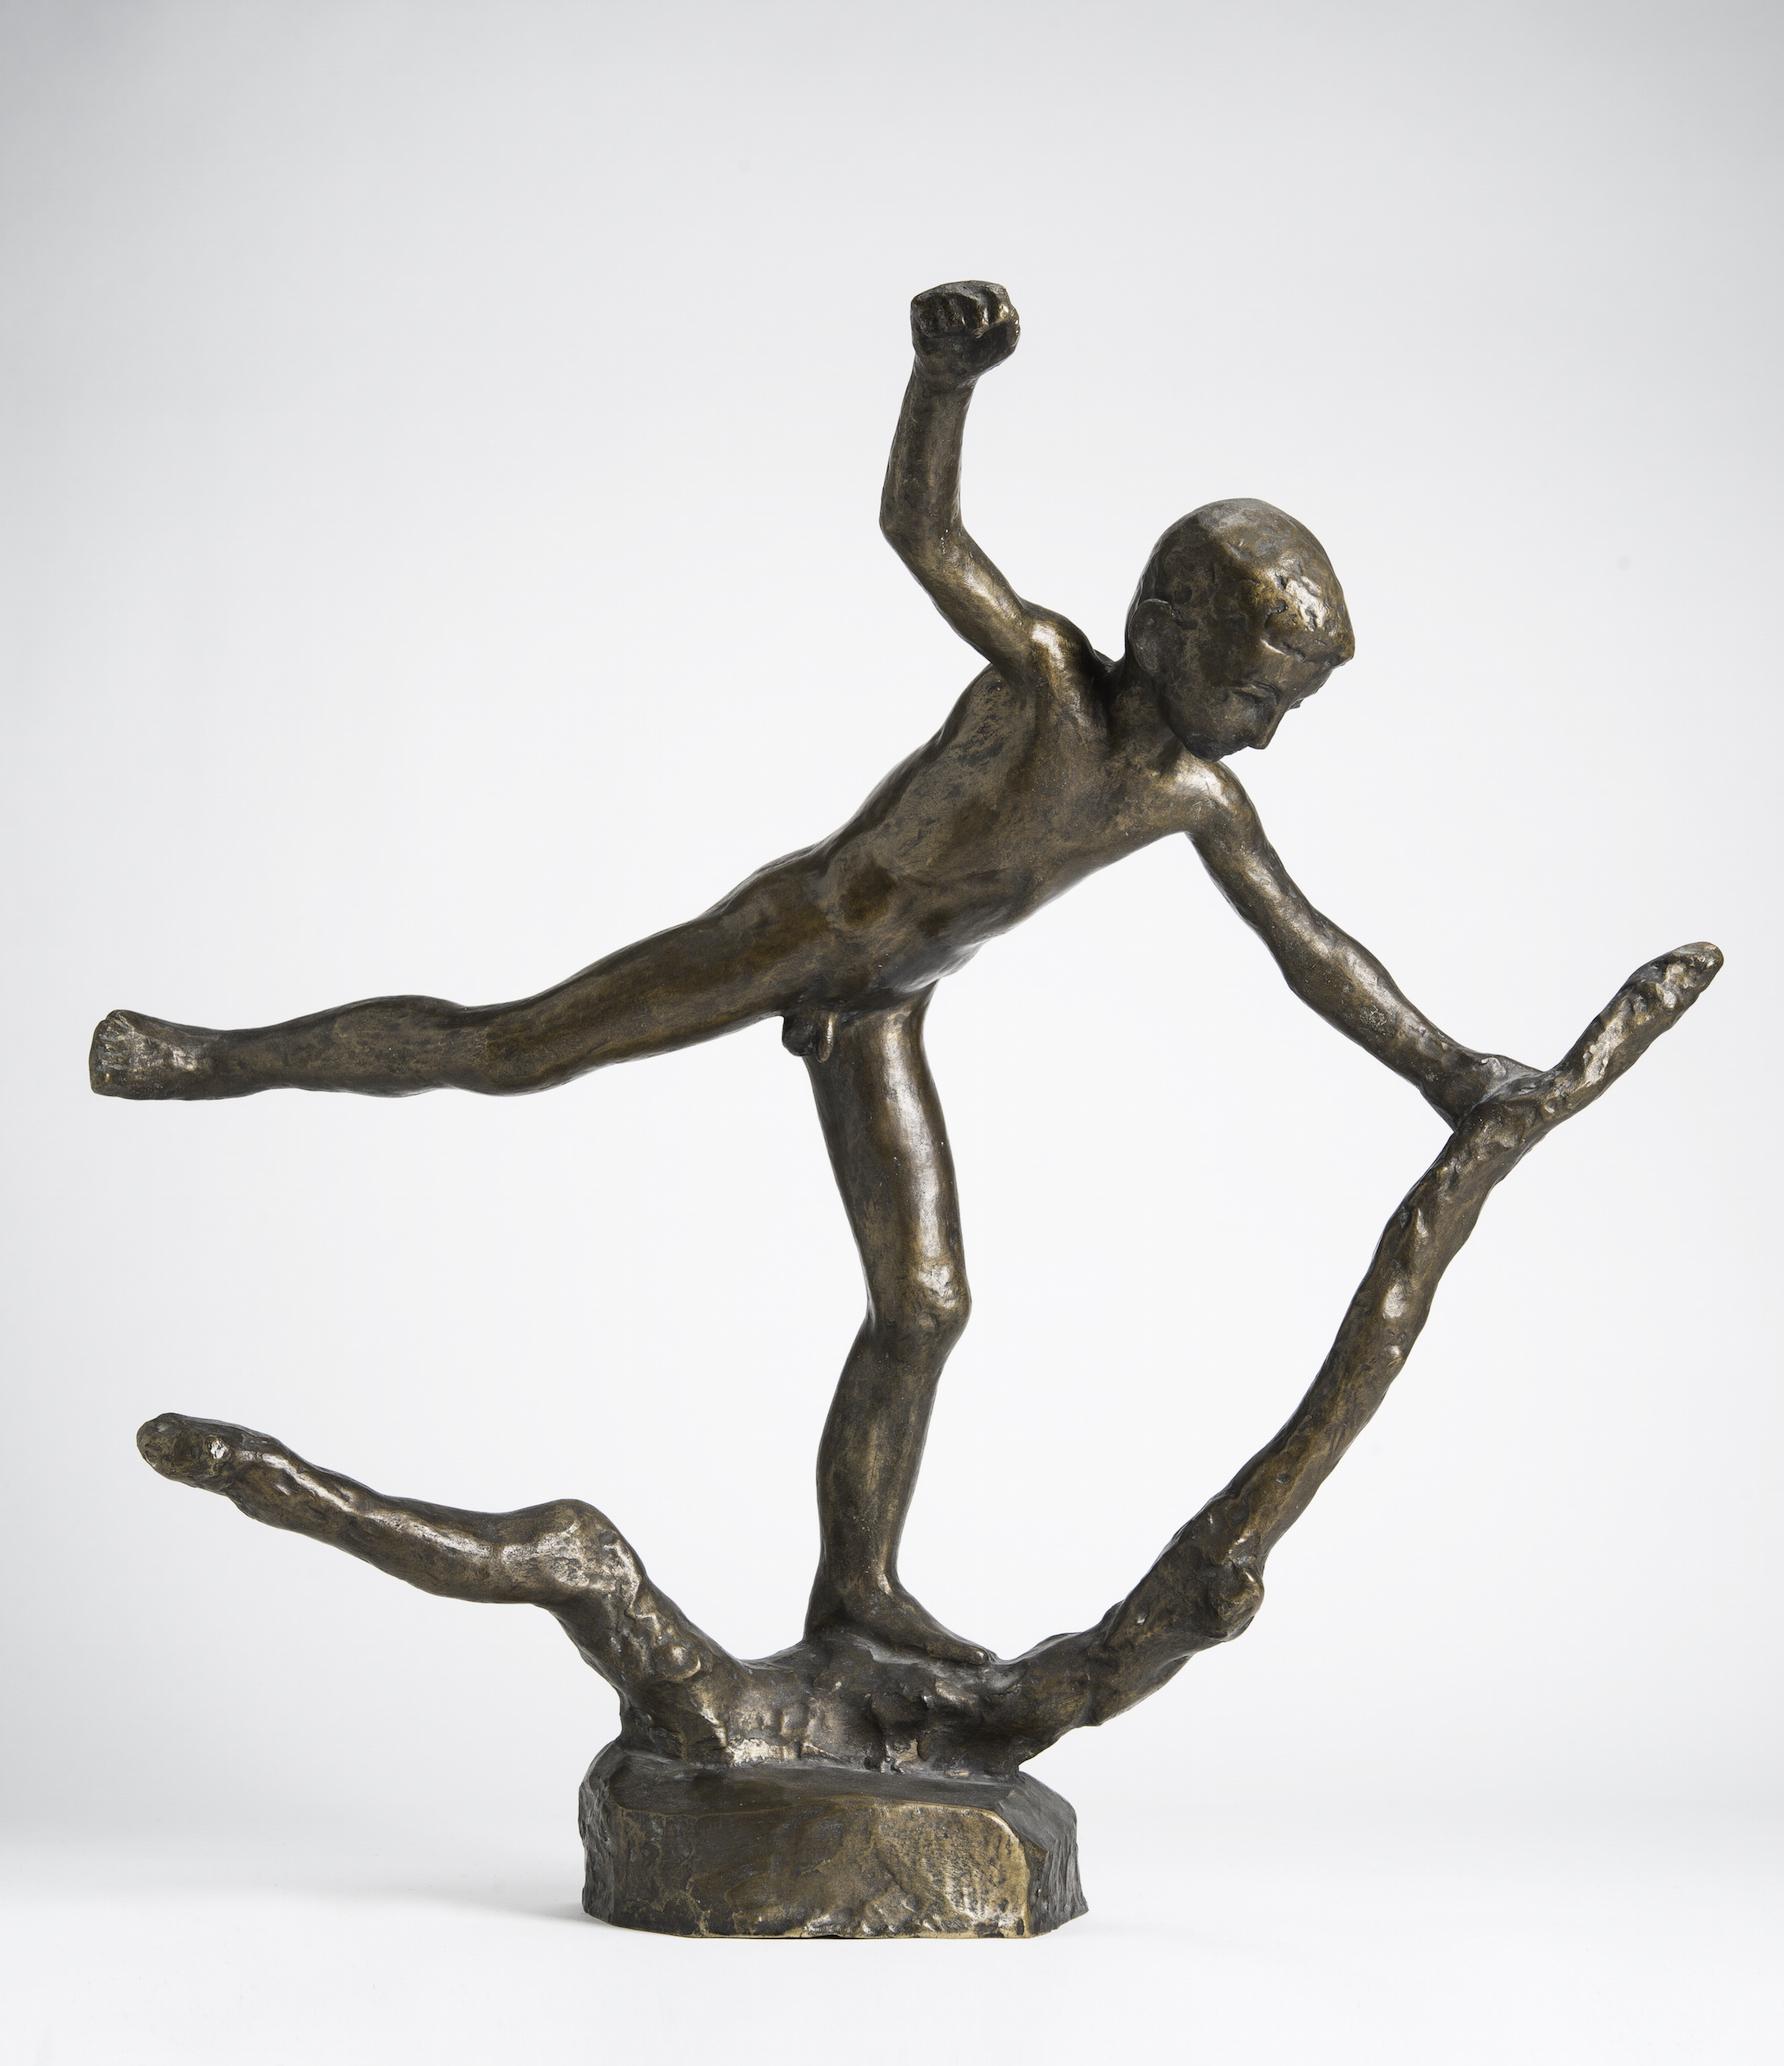 Aranykor, 1959, A Szépművészeti Múzeum - Magyar Nemzeti Galéria tulajdona